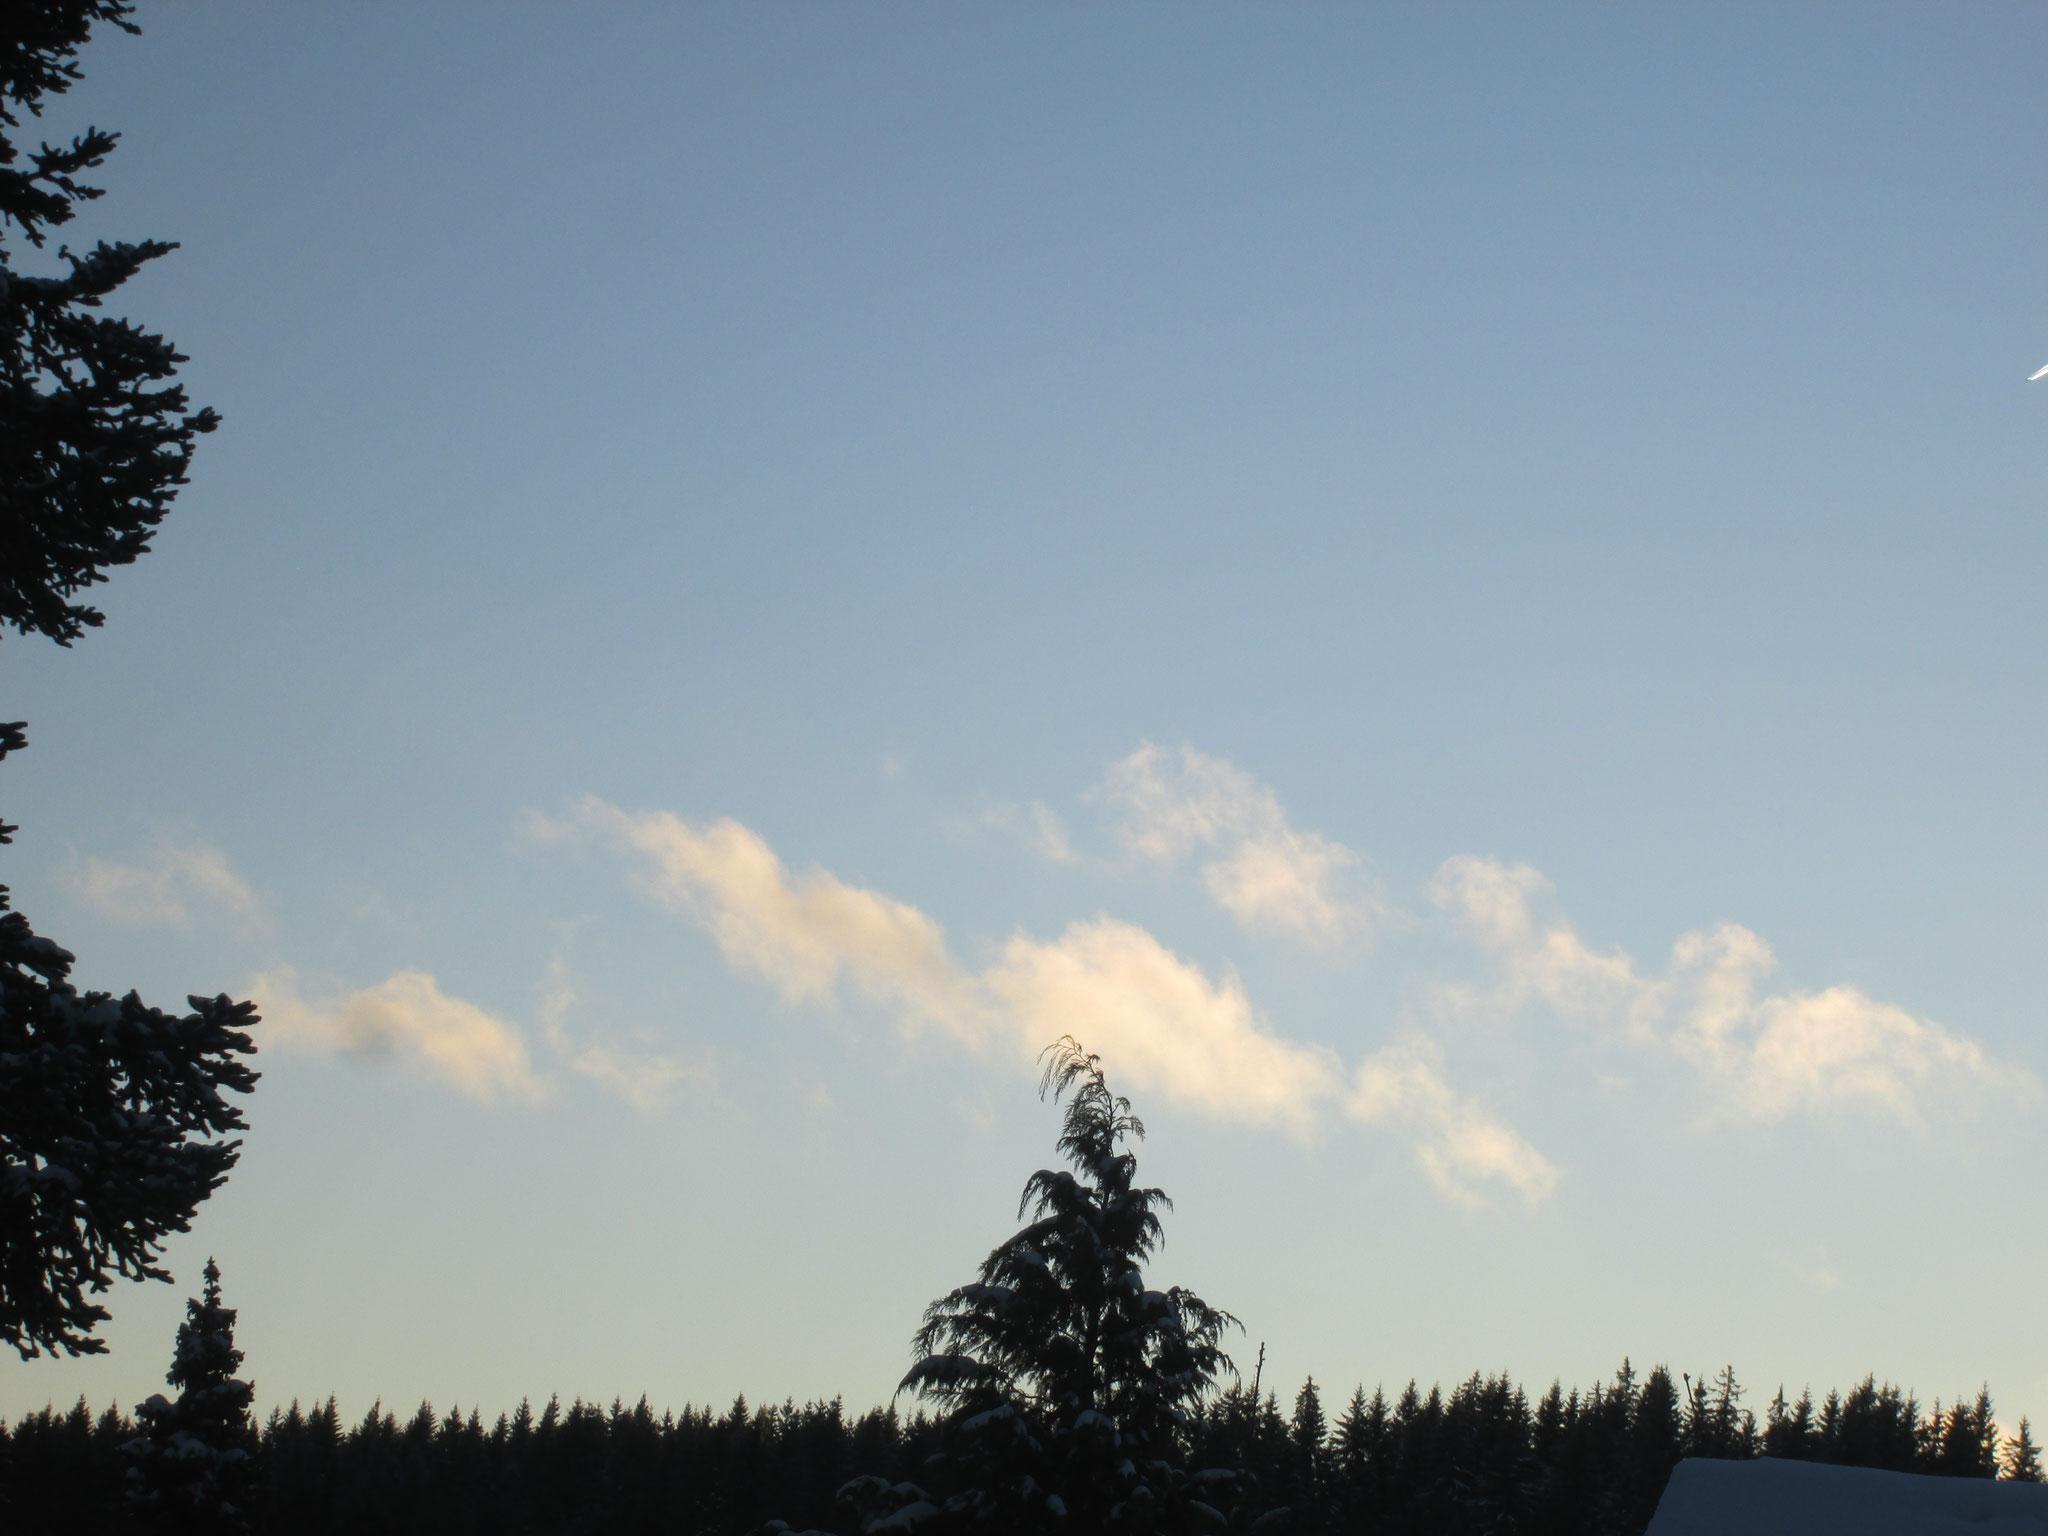 pastellene Wattewölkchen vor glasblauem Himmel